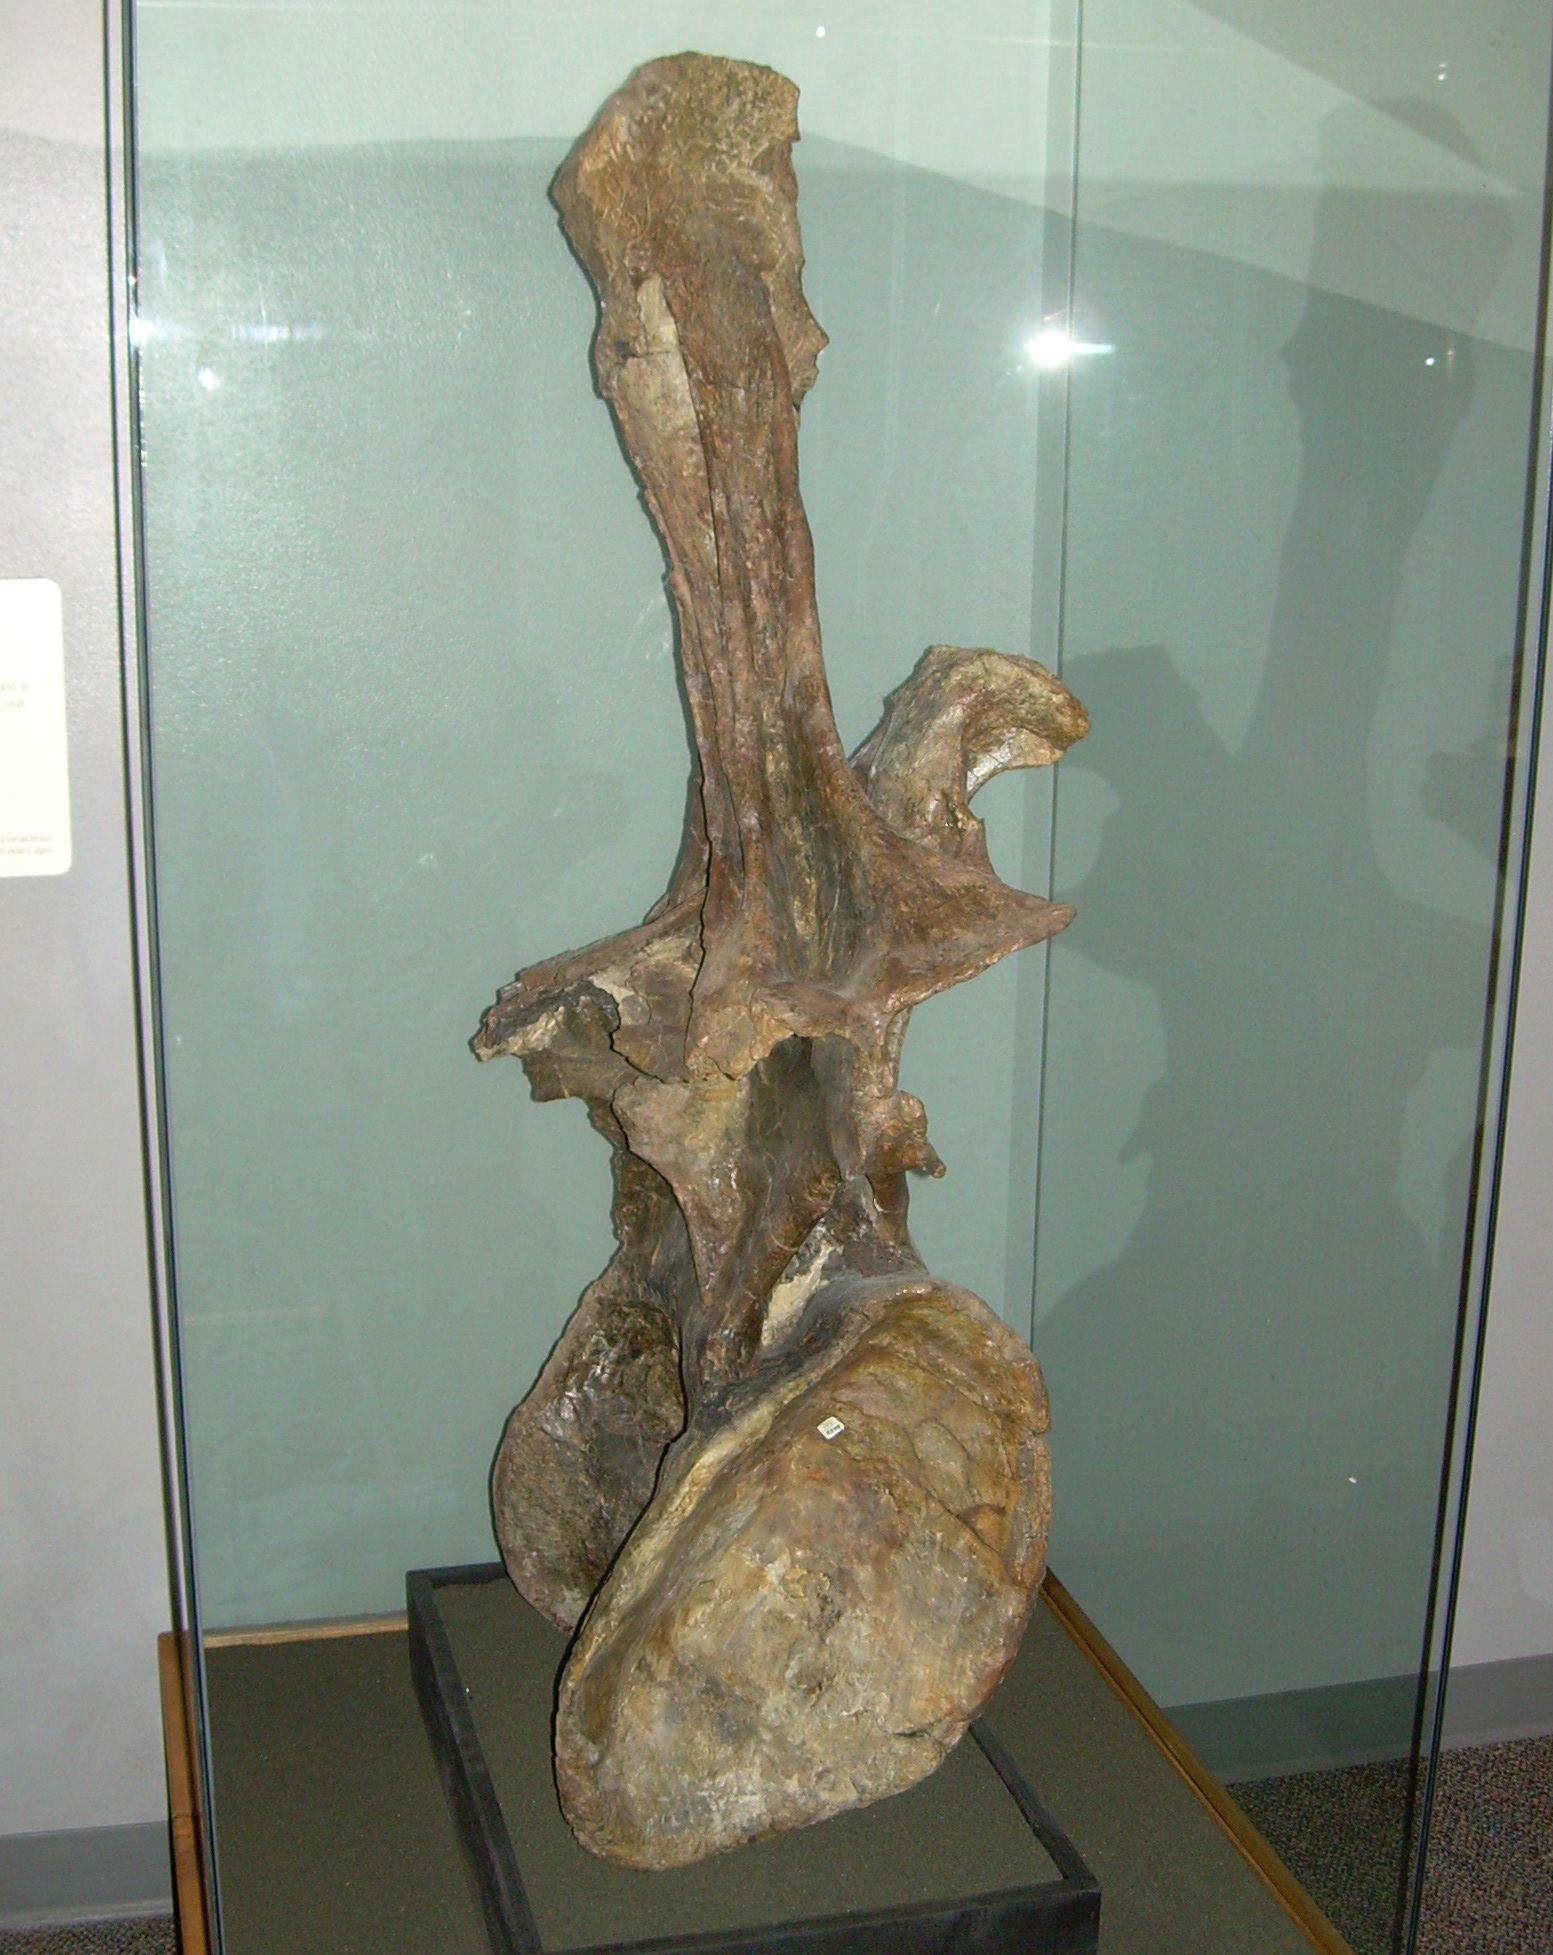 Réplique de la vertèbre dorsale de Supersaurus vivianae, l'holotype d'Ultrasauros. The North American Museum of Ancient Life - Thanksgiving Point